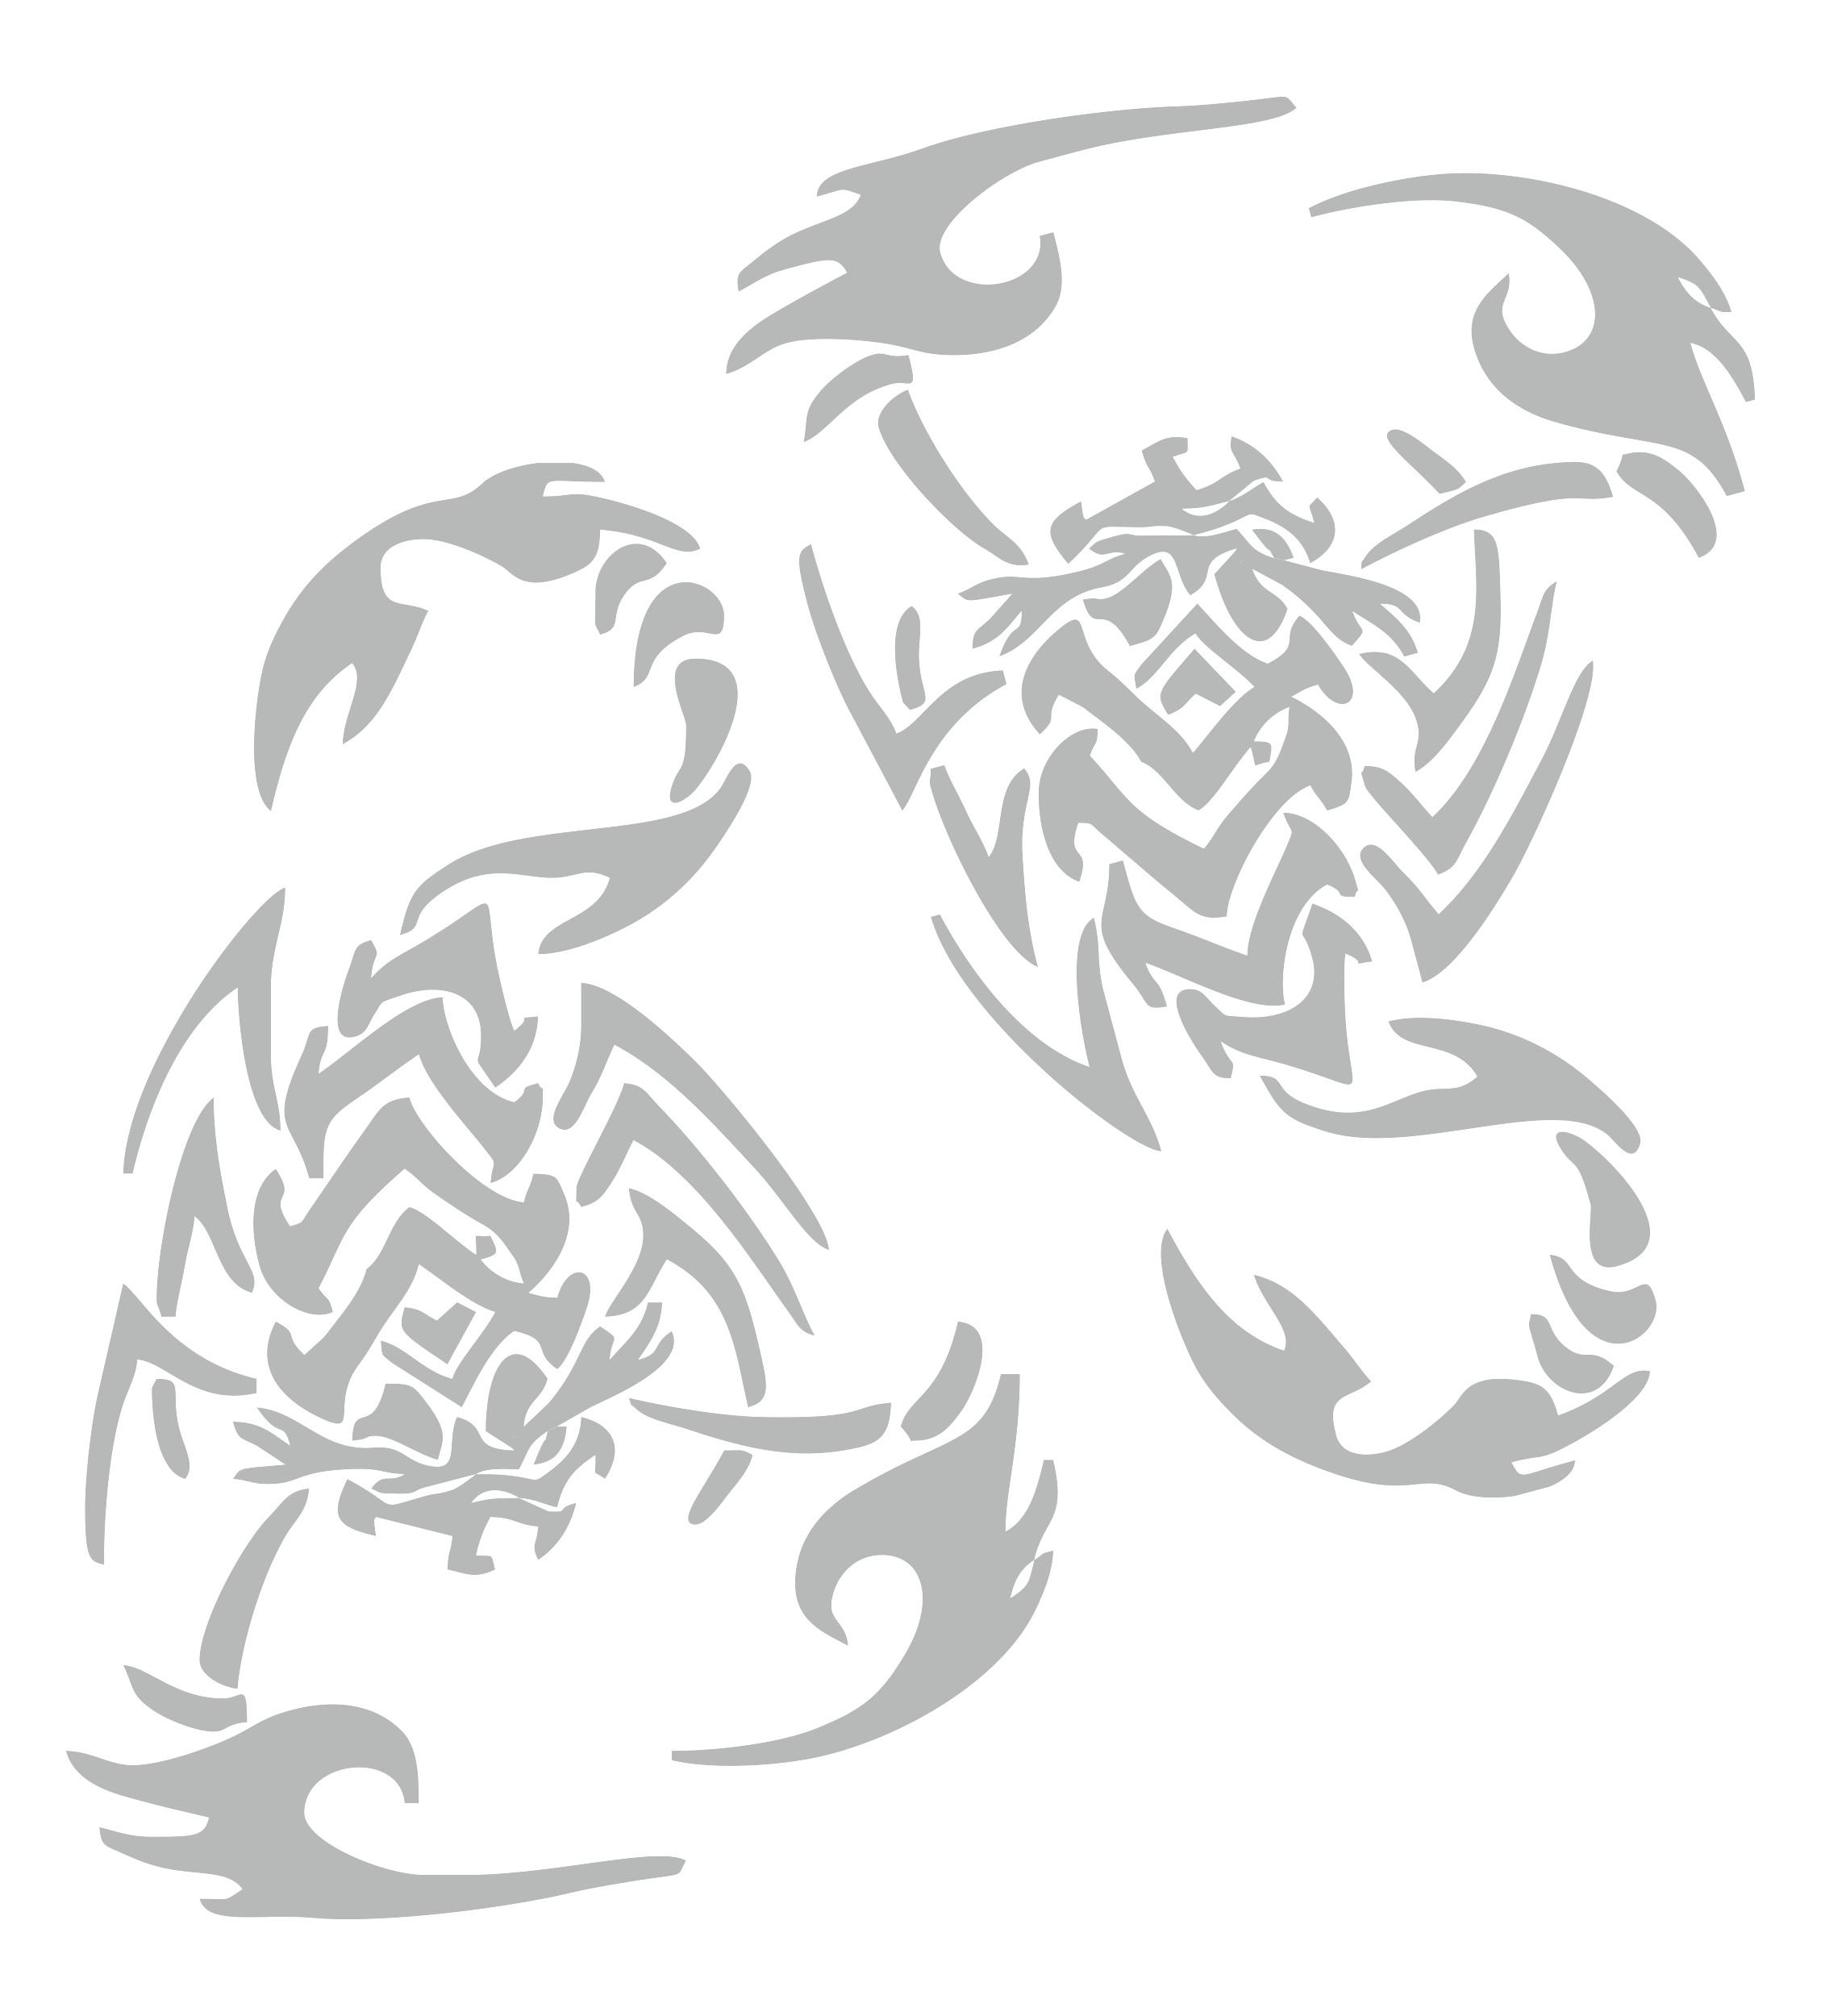 Aufkleber spiegel und car tattoo skorpion schneller for Spiegel aufkleber